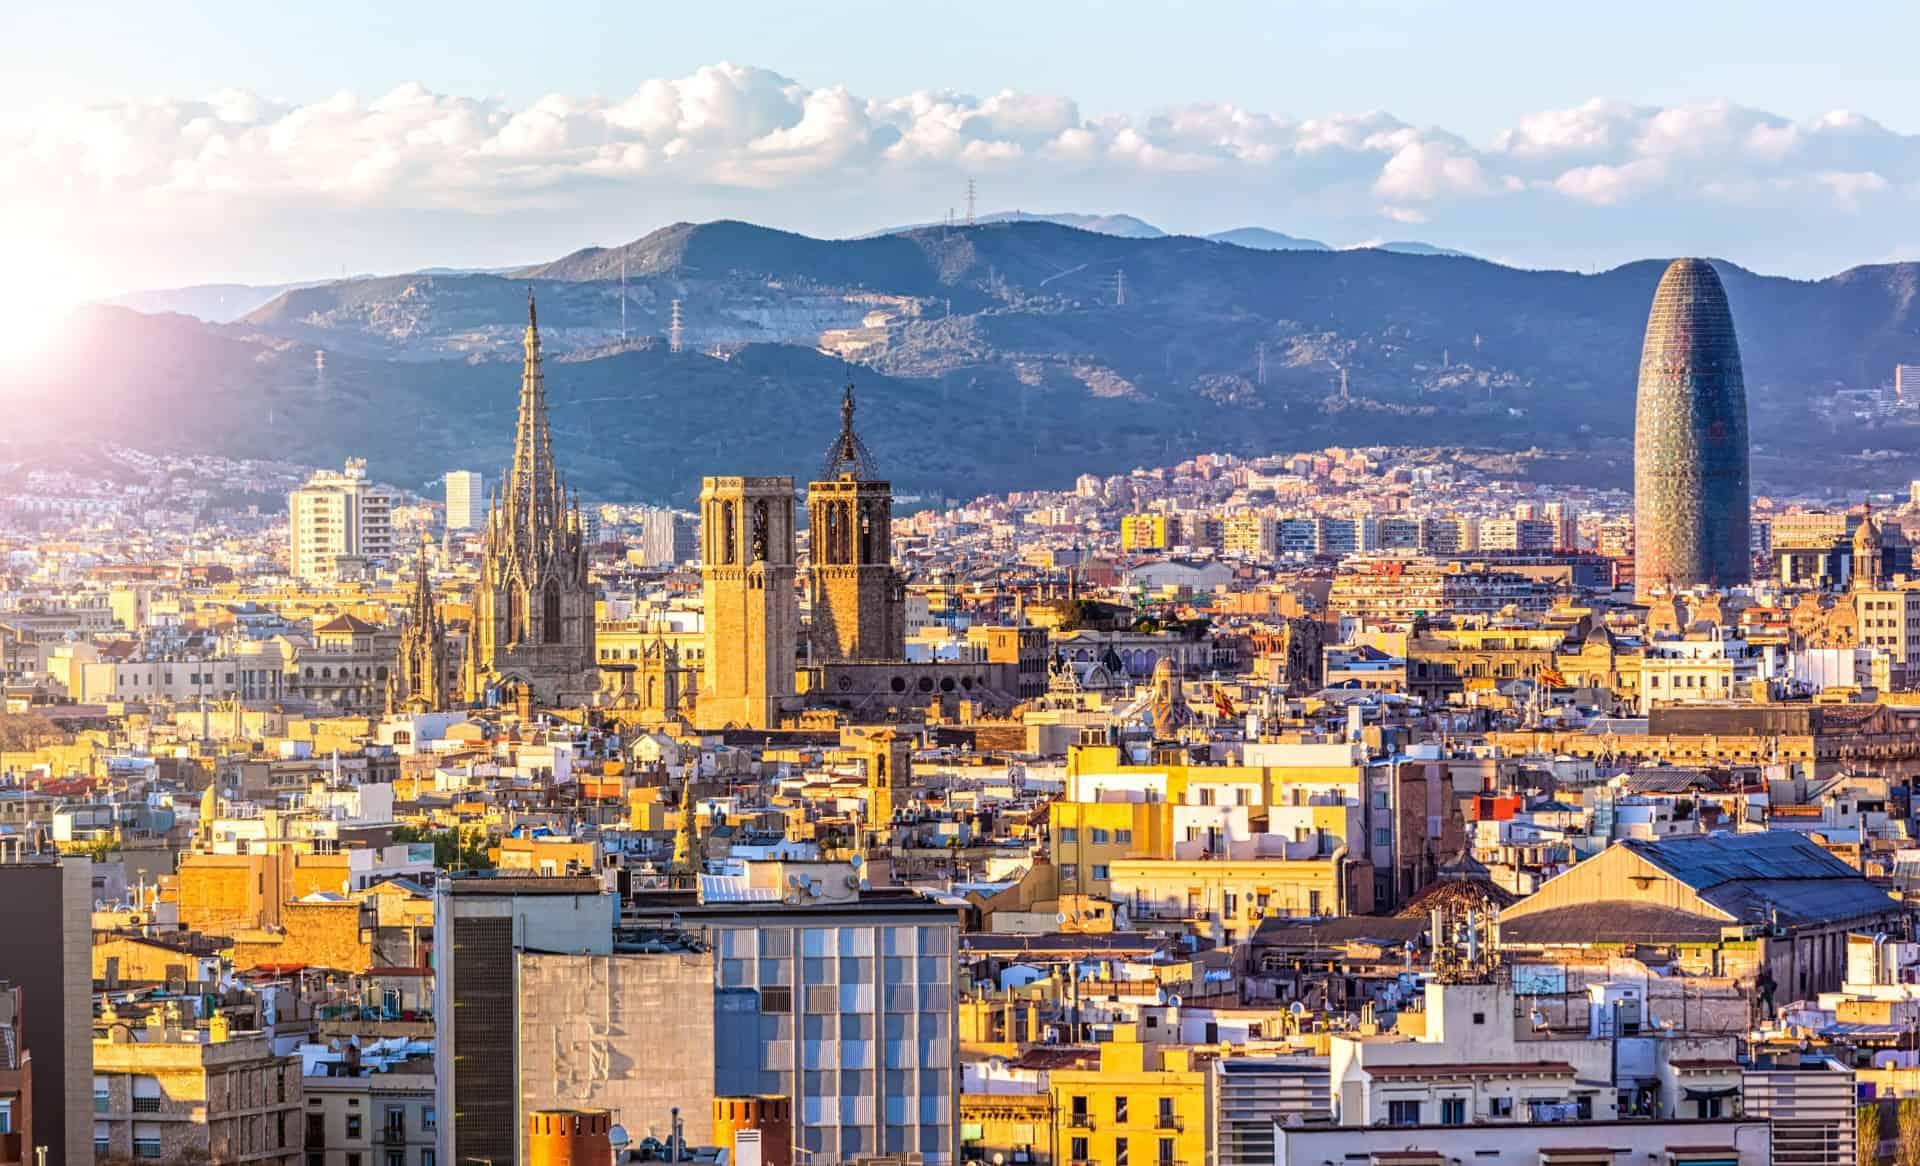 أجمل اماكن التسوق والمطاعم في برشلونة